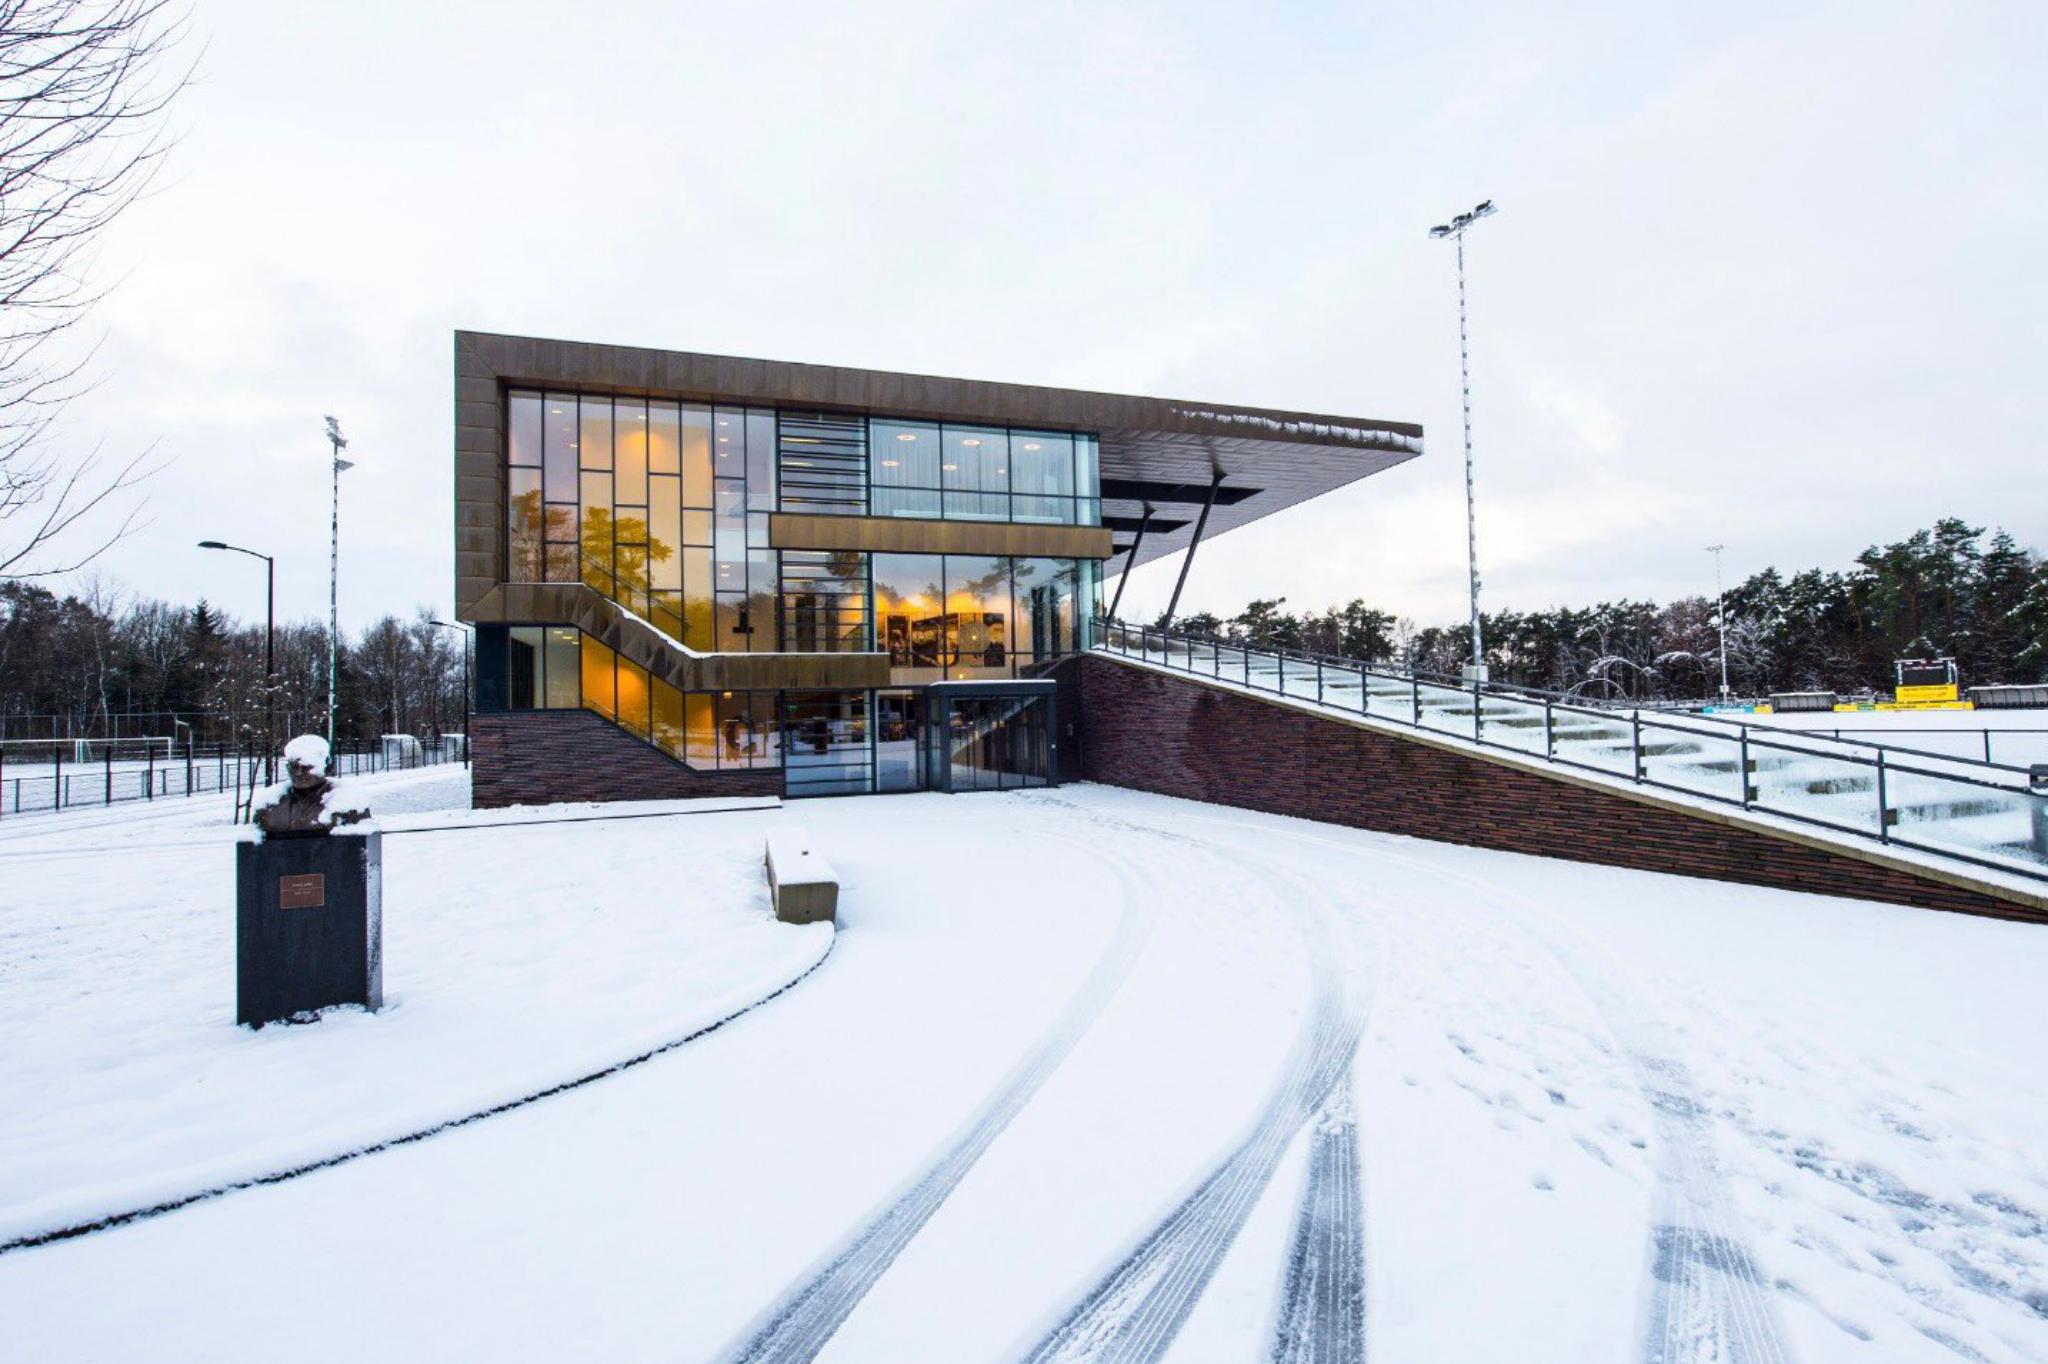 Van Donge & De Roo Stadion (SBV Excelsior)